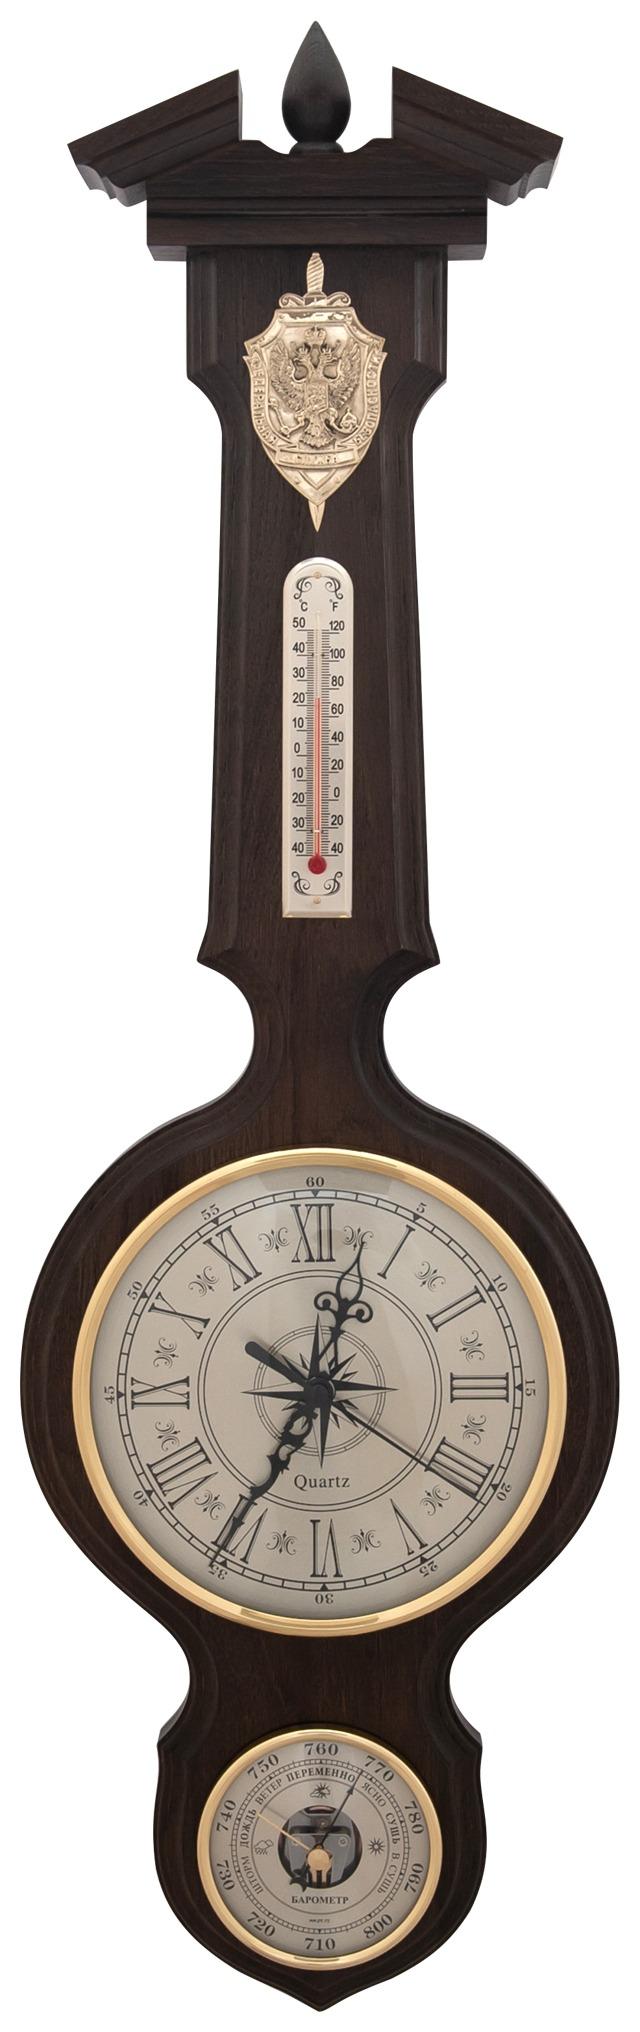 Бытовая метеостанция бм-96 массив дуба (смич) часы герб